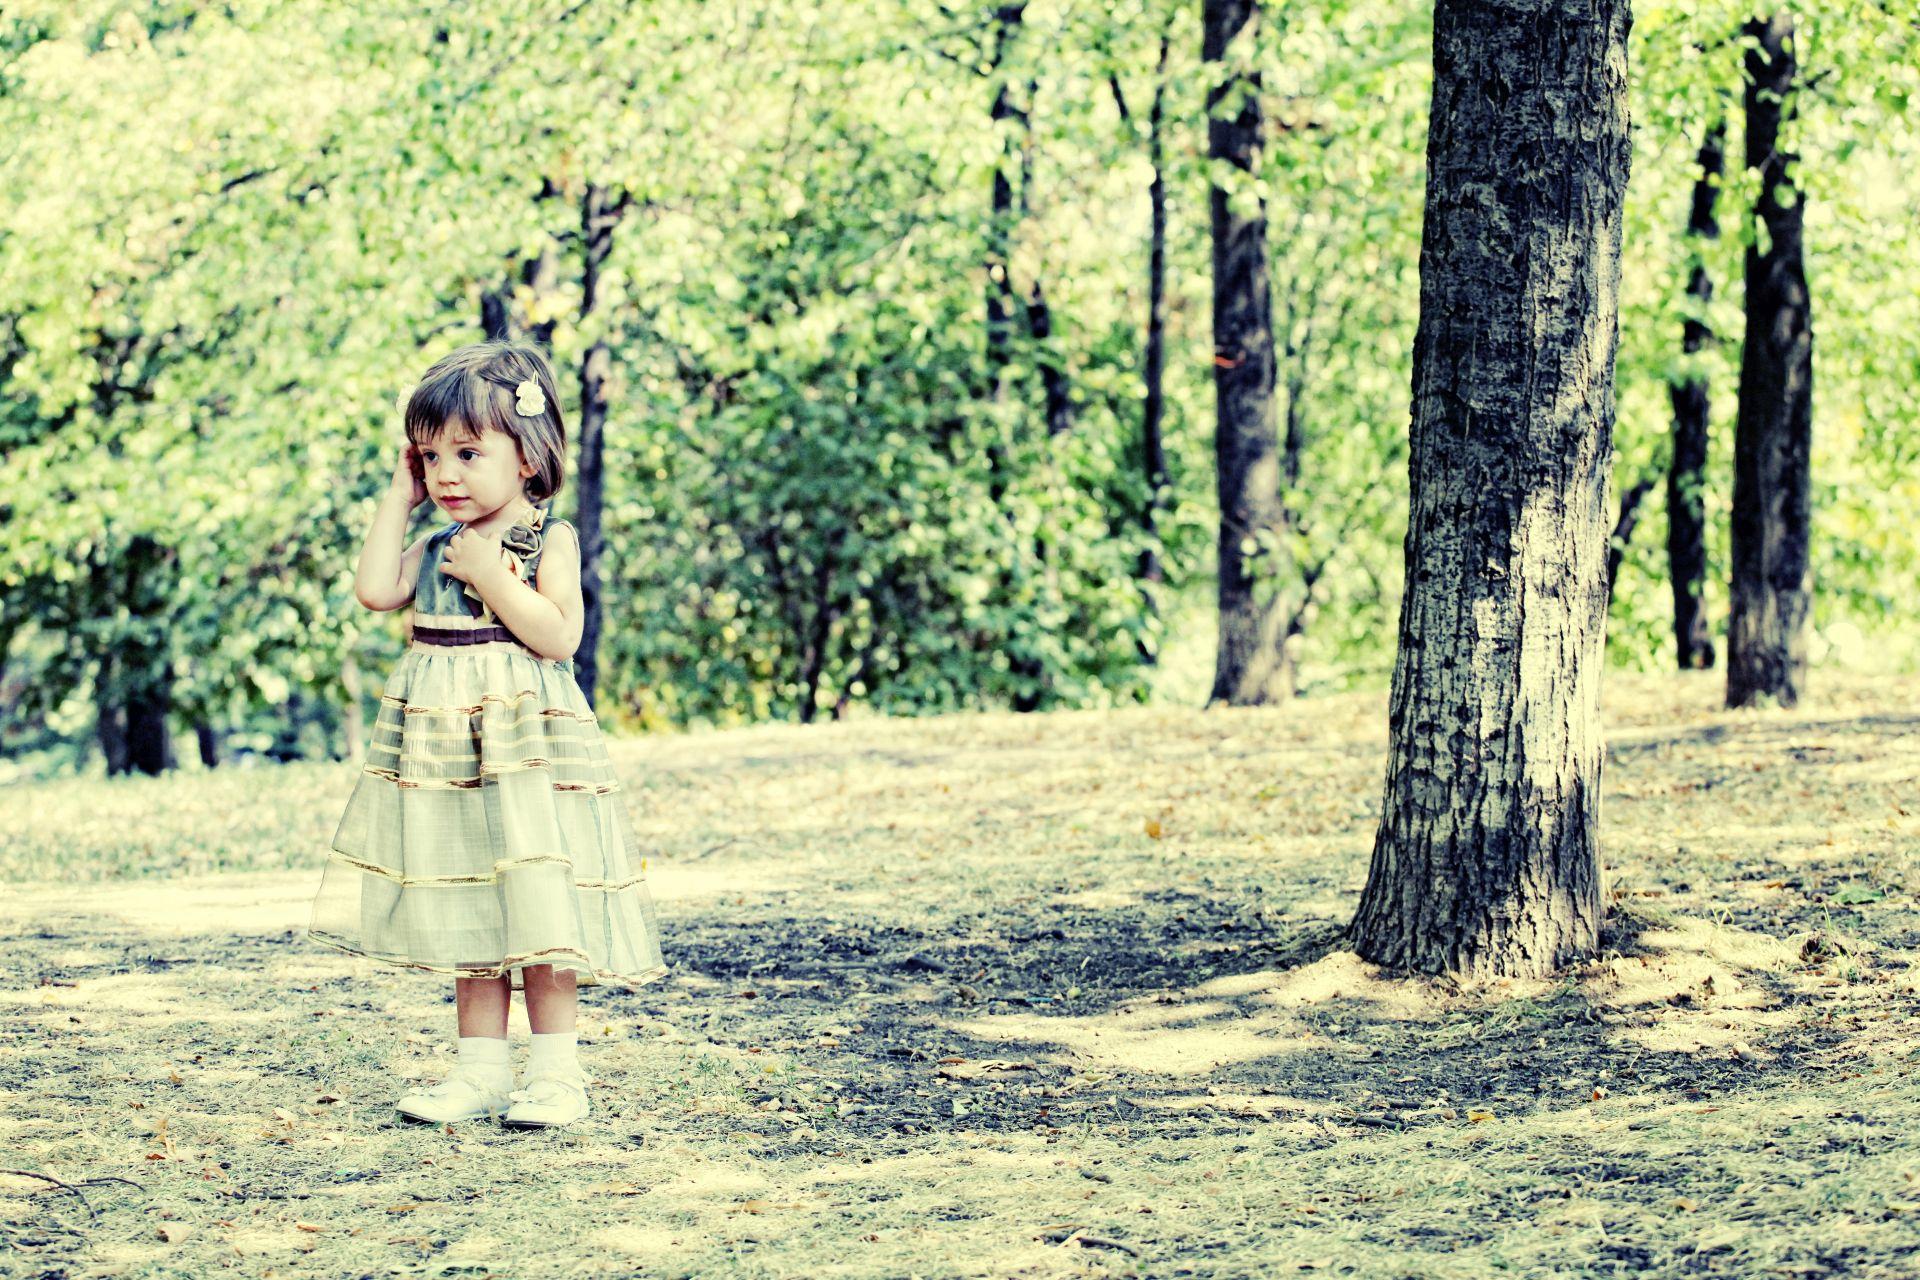 Kamen Ehranov background image